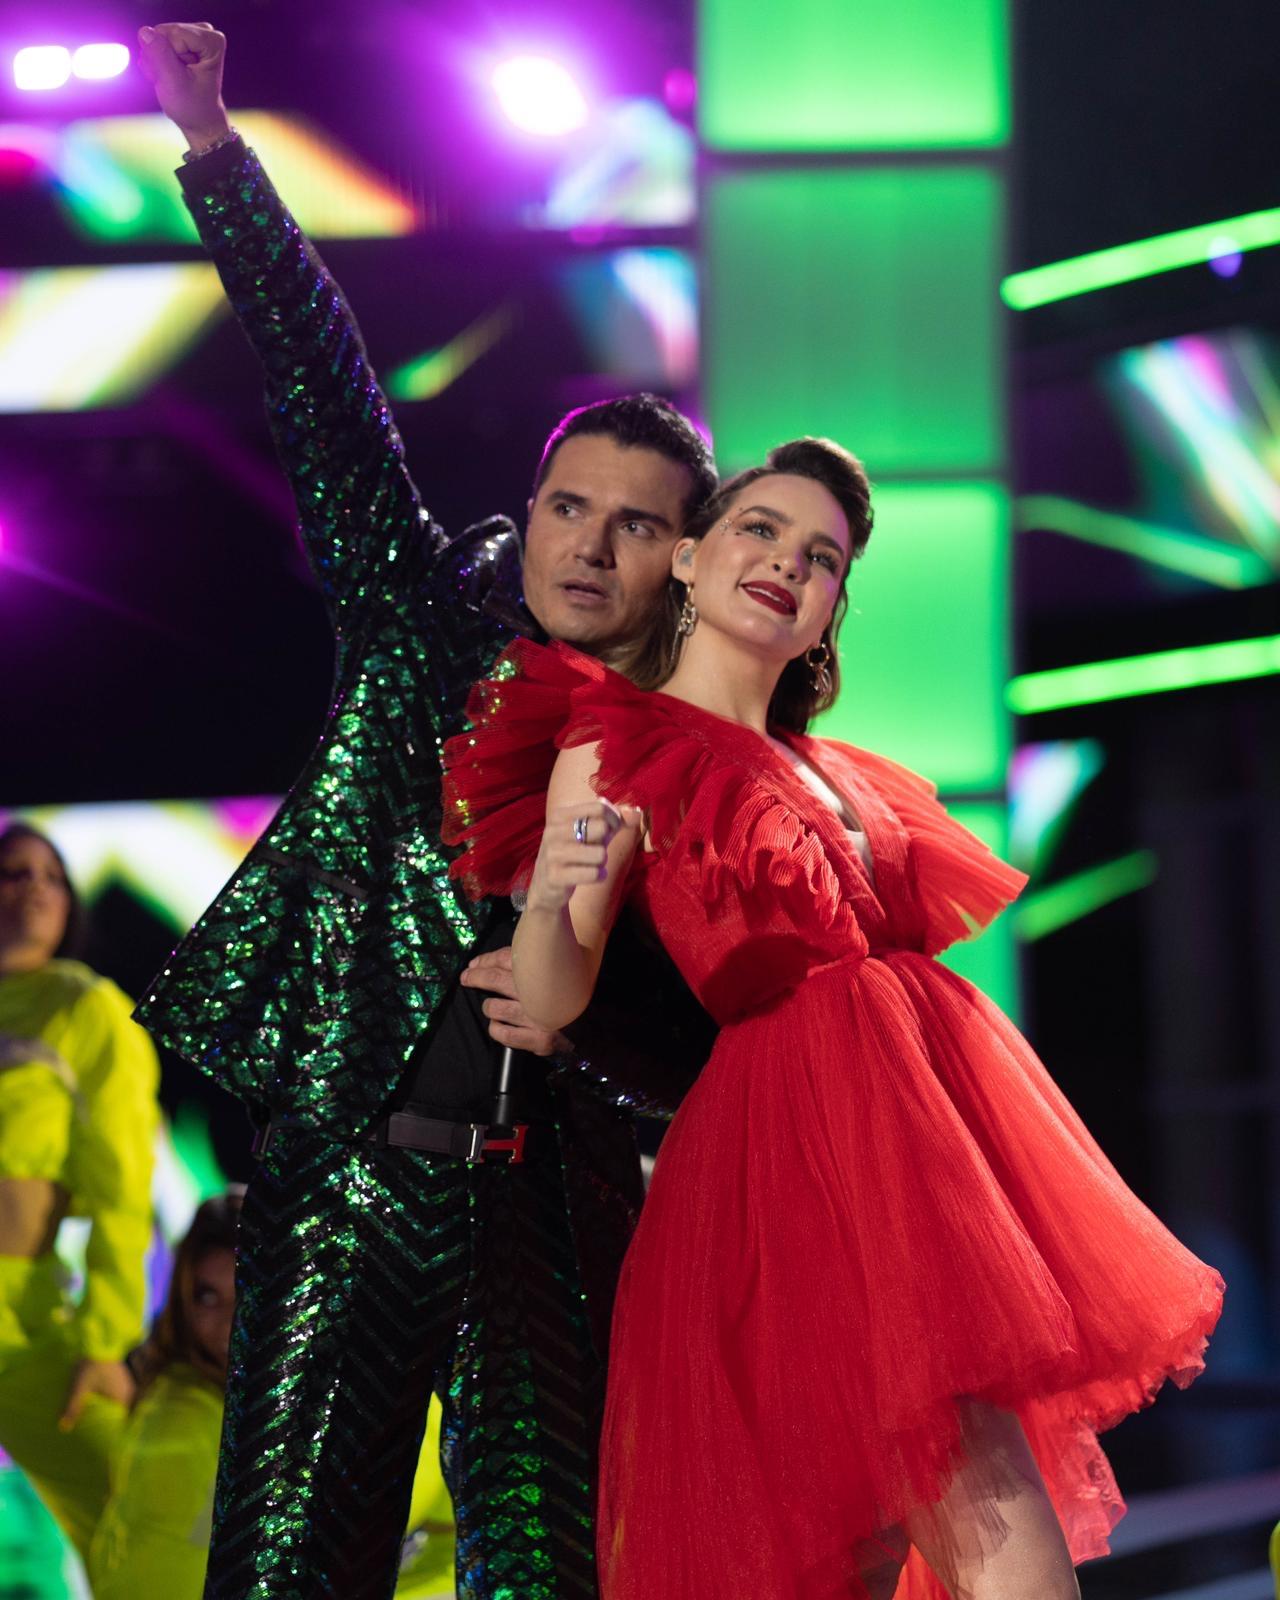 Horacio Palencia y Belinda en los Premios de la Radio 2019